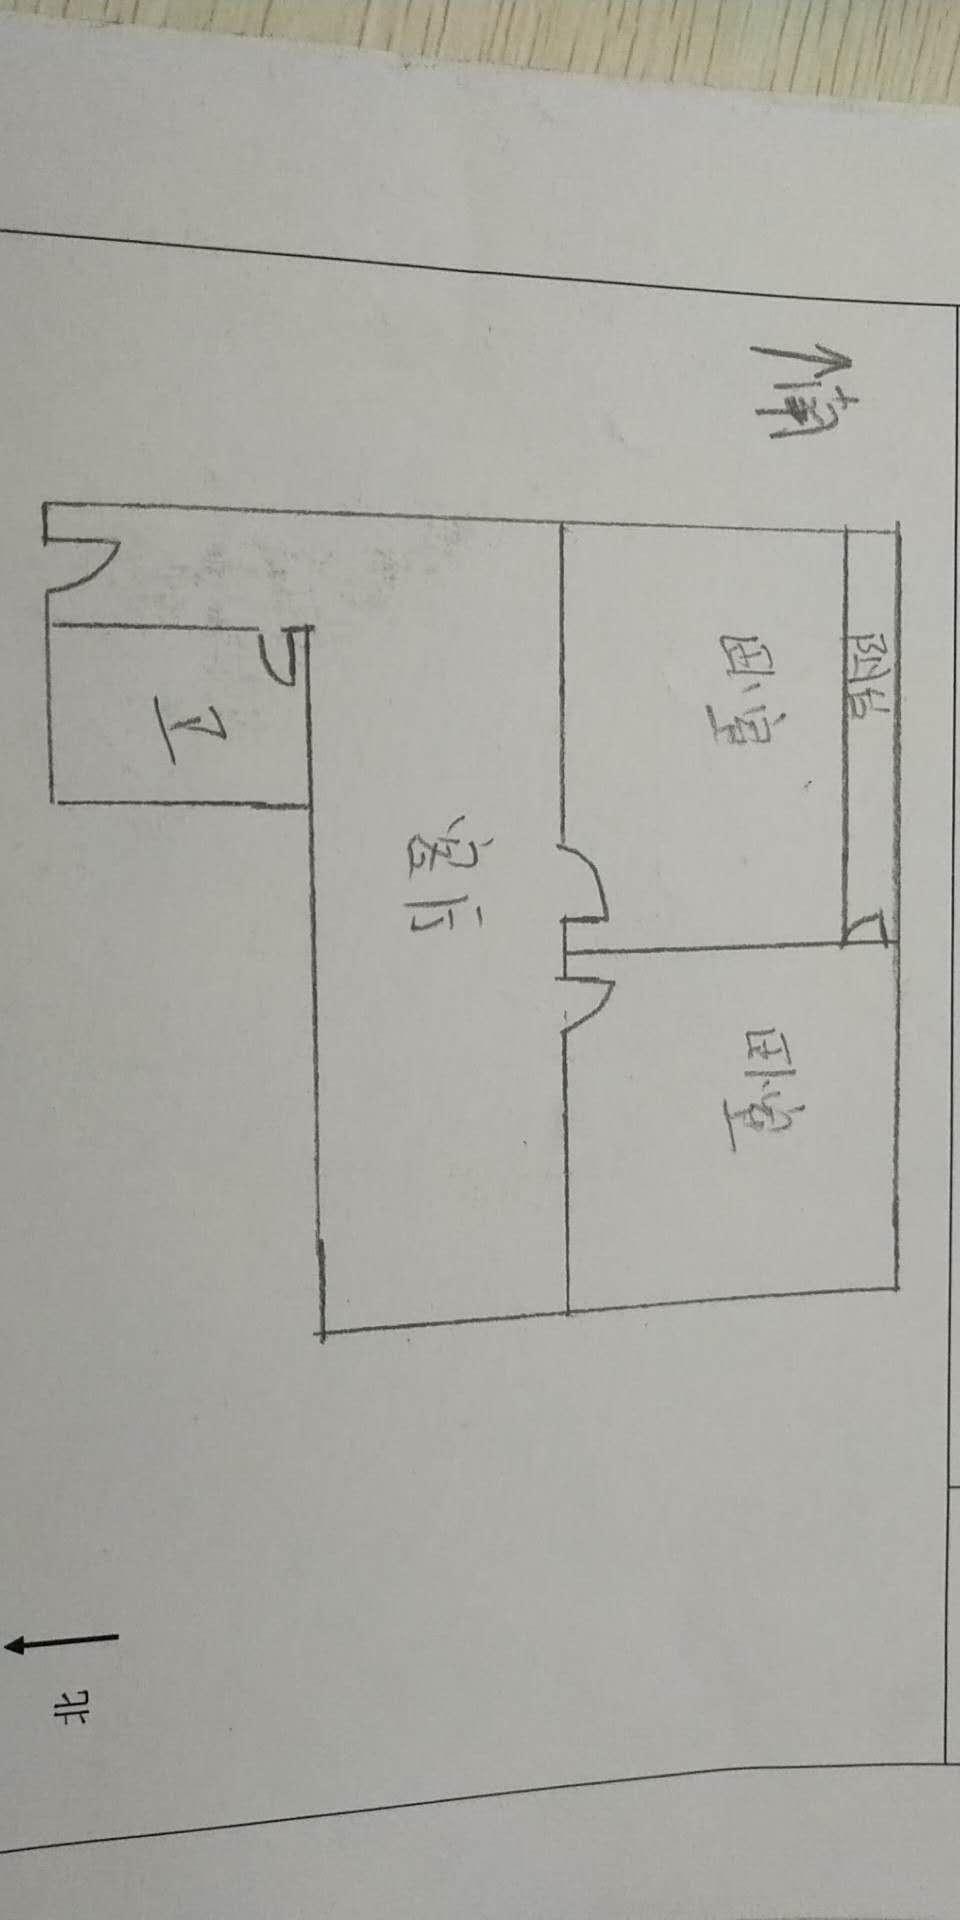 北园小区 2室1厅 5楼